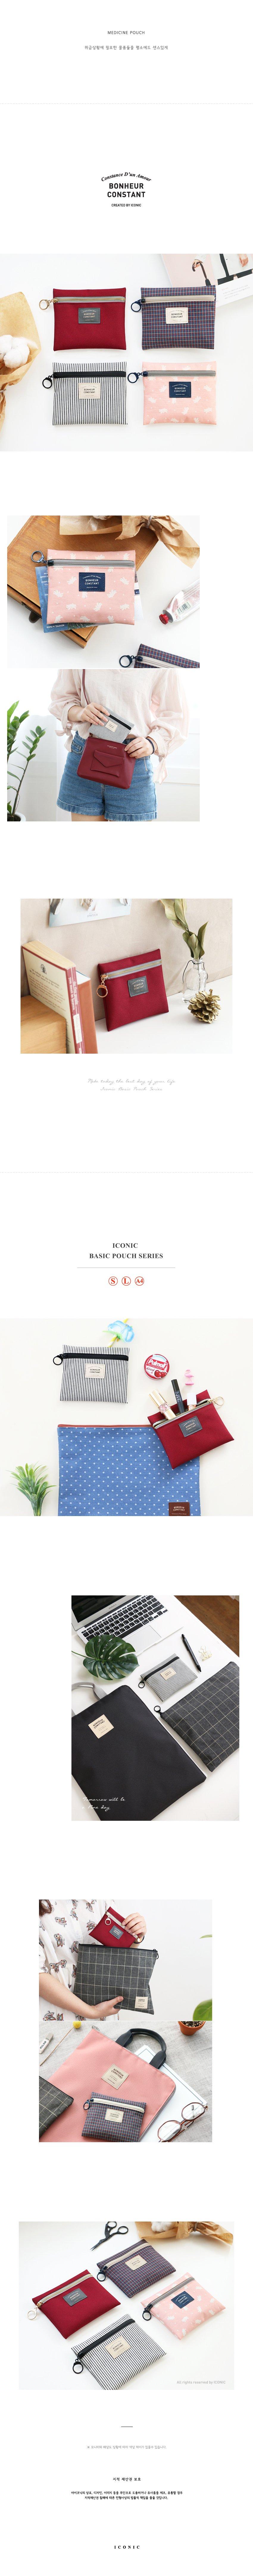 아이코닉 베이직 파우치 S v.2 - 아이코닉, 5,800원, 화장품파우치, 패브릭